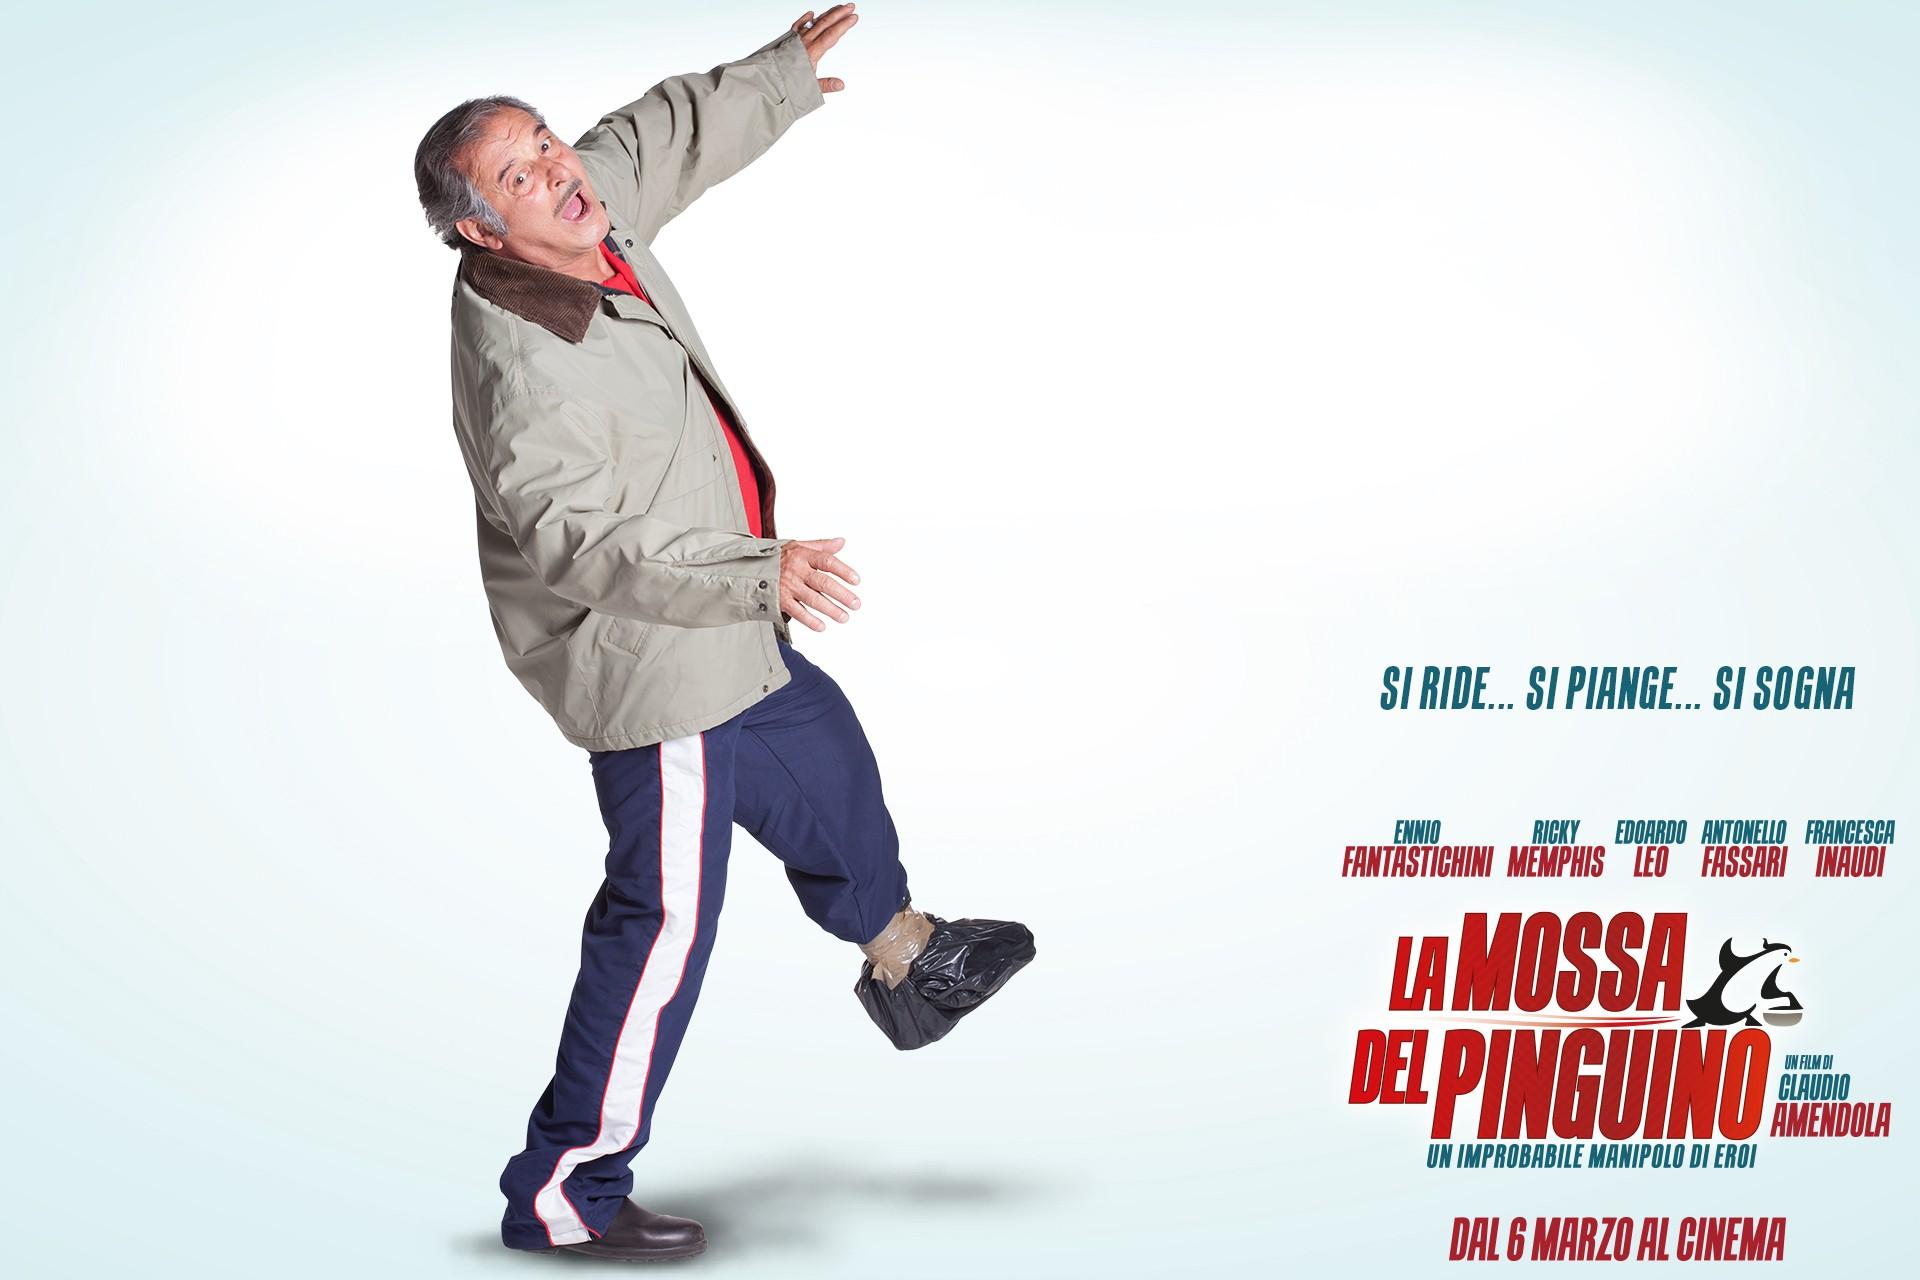 La mossa del pinguino: Ennio Fantastichini nel character wallpaper di Ottavio